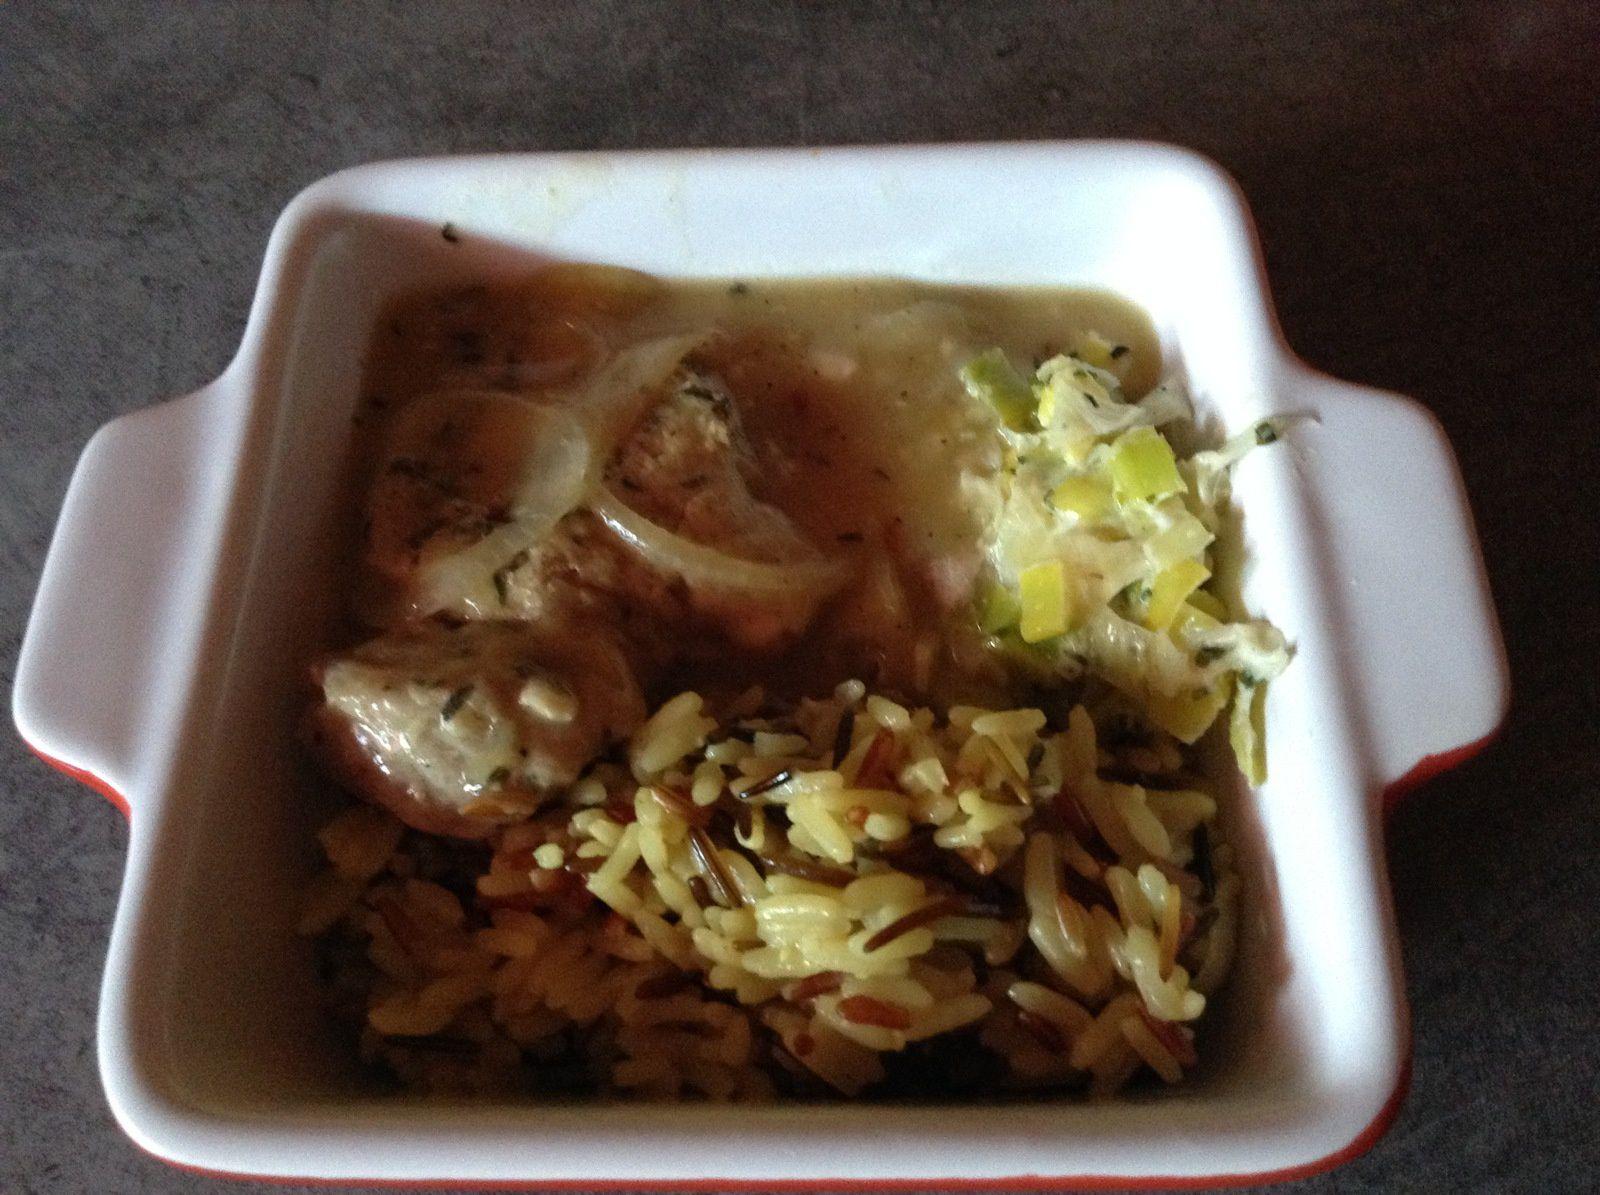 Je l'ai accompagne d'un riz pilaf  de trois sortes de rizs et d'une fondue de poireaux a la crème